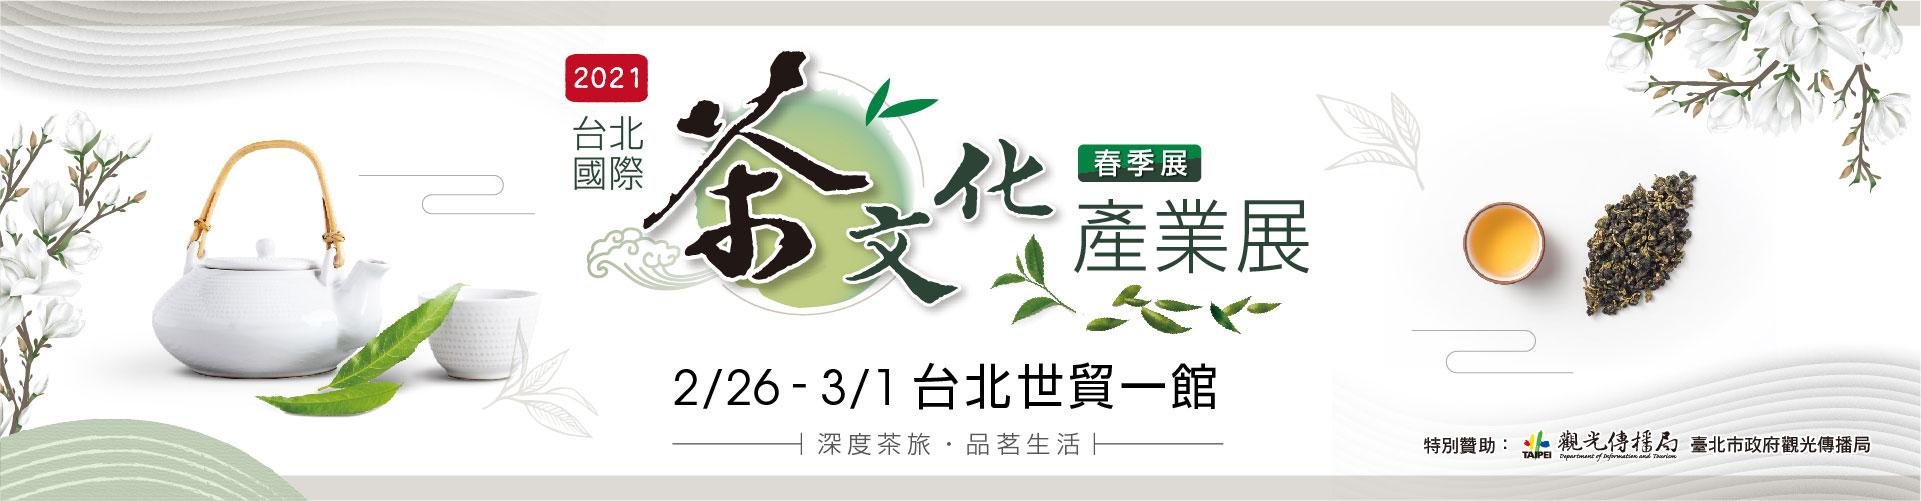 2021台北國際茶文化產業展(春季展)